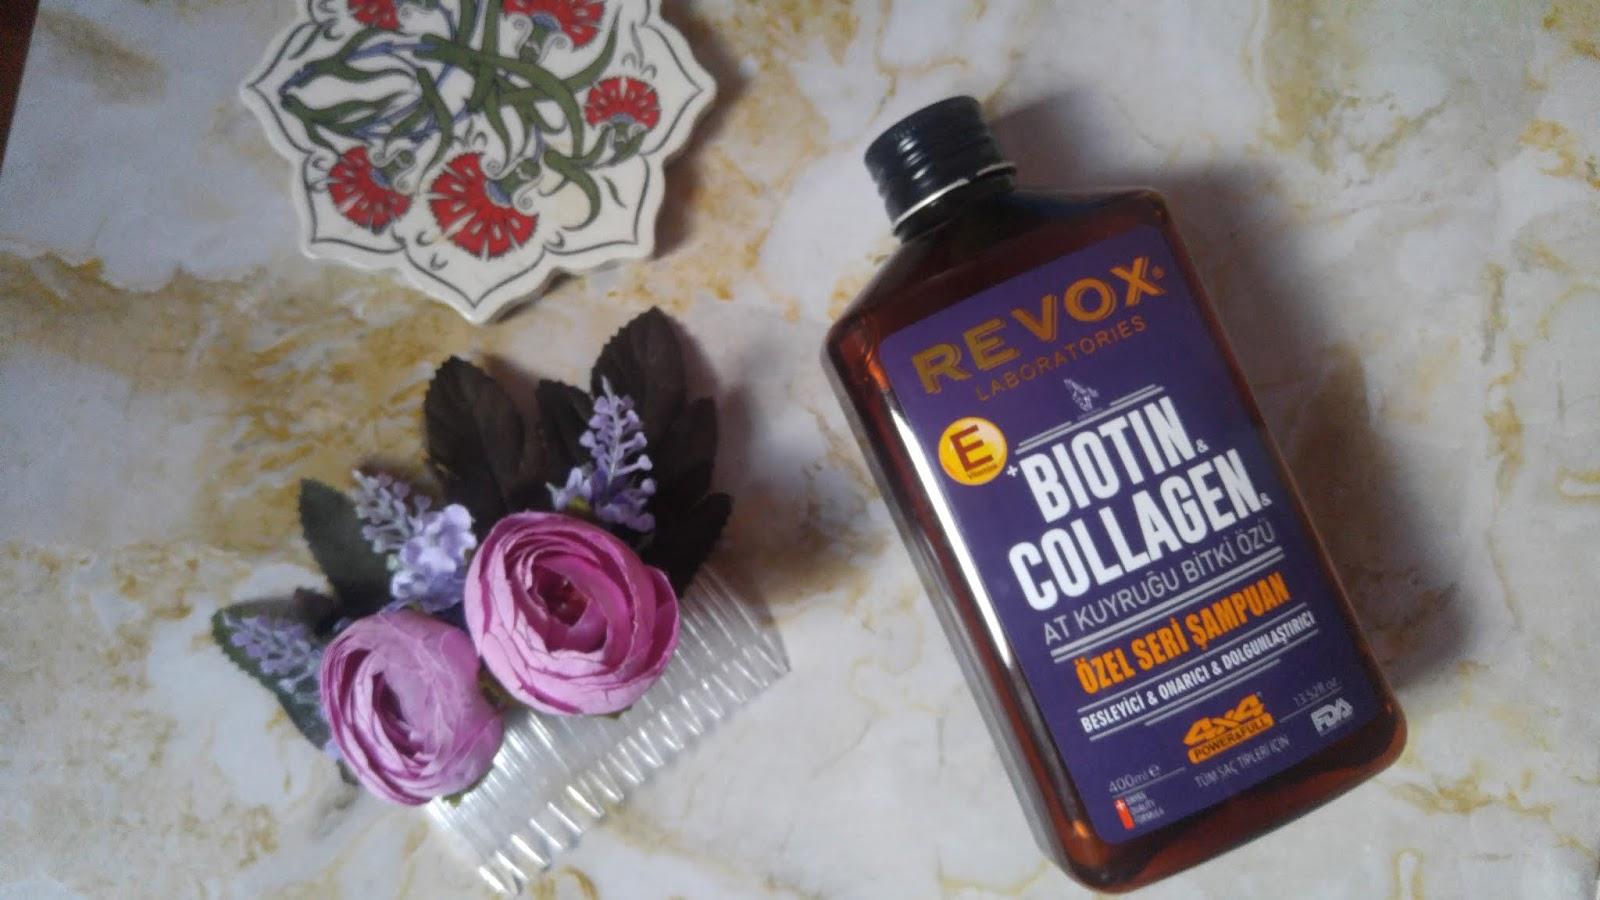 Little Butterfly Kozmetik Bakim Yasam Blogu Revox Biotin